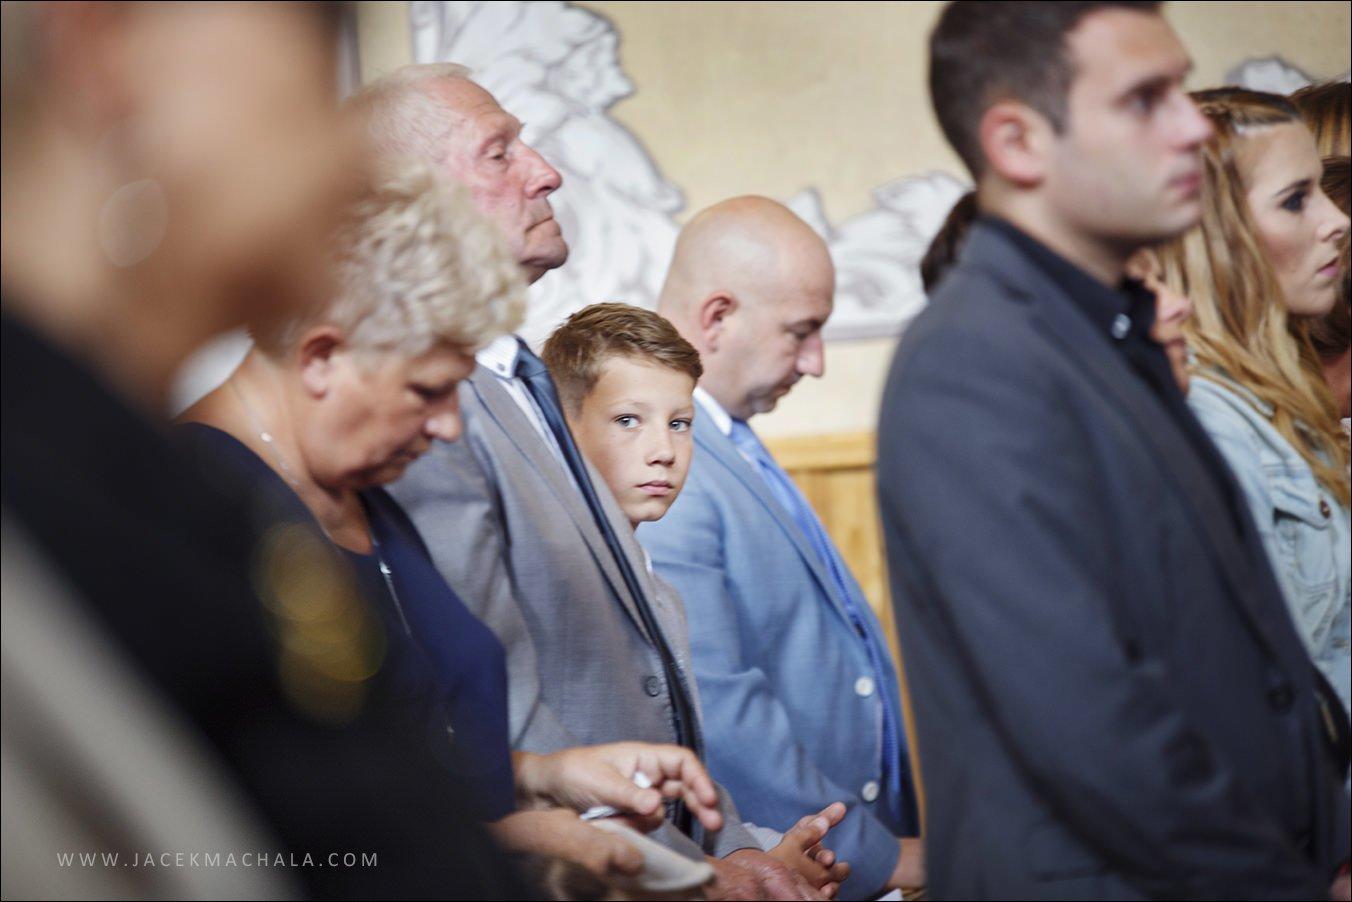 slask fotograf bielsko biala diana i dawid 23 - Hotel Ostaniec - DIANA & DAWID